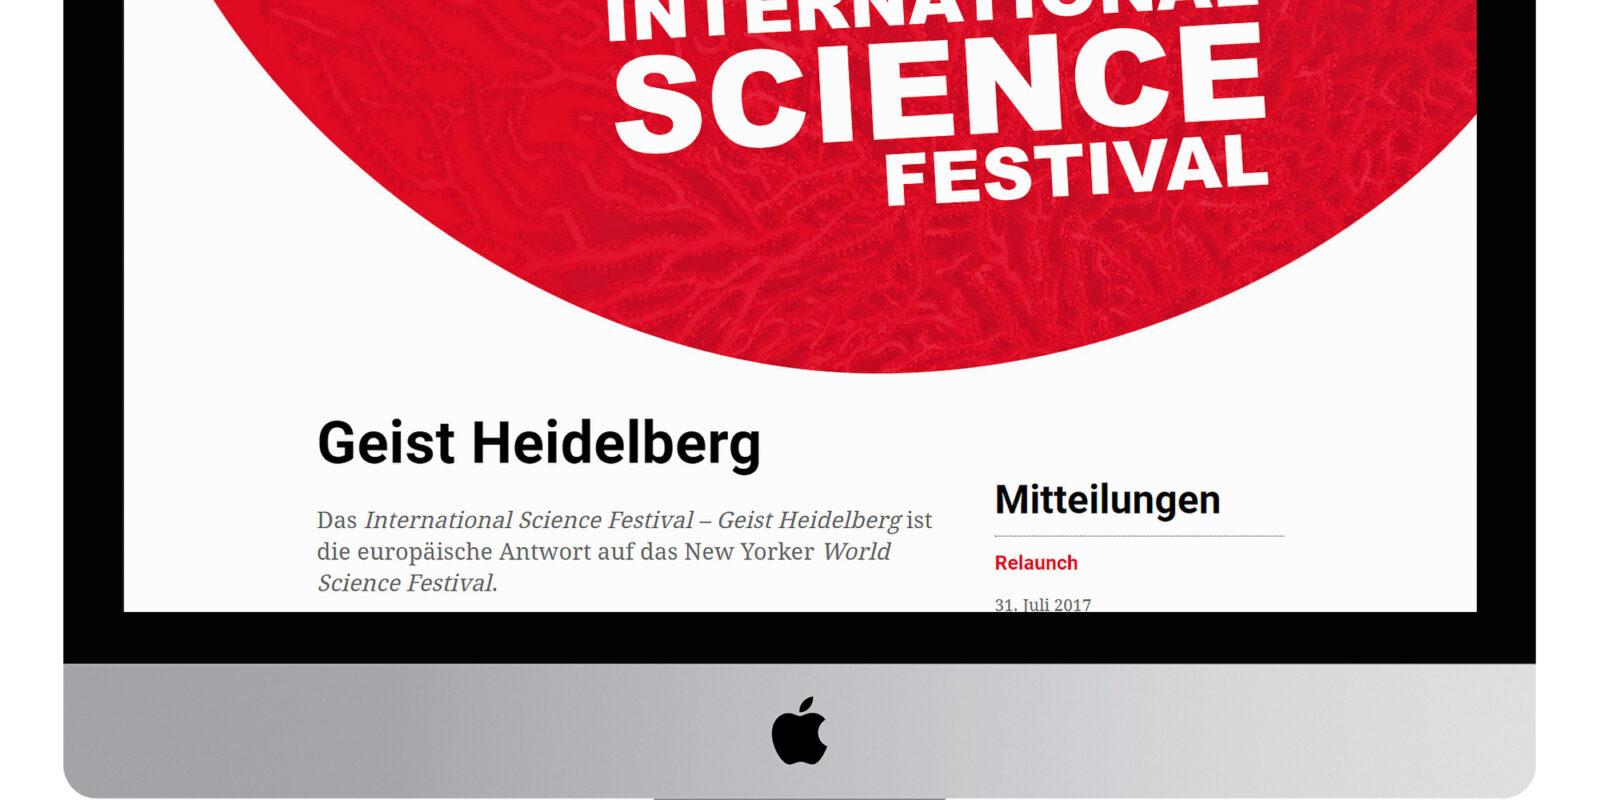 Geist Heidelberg